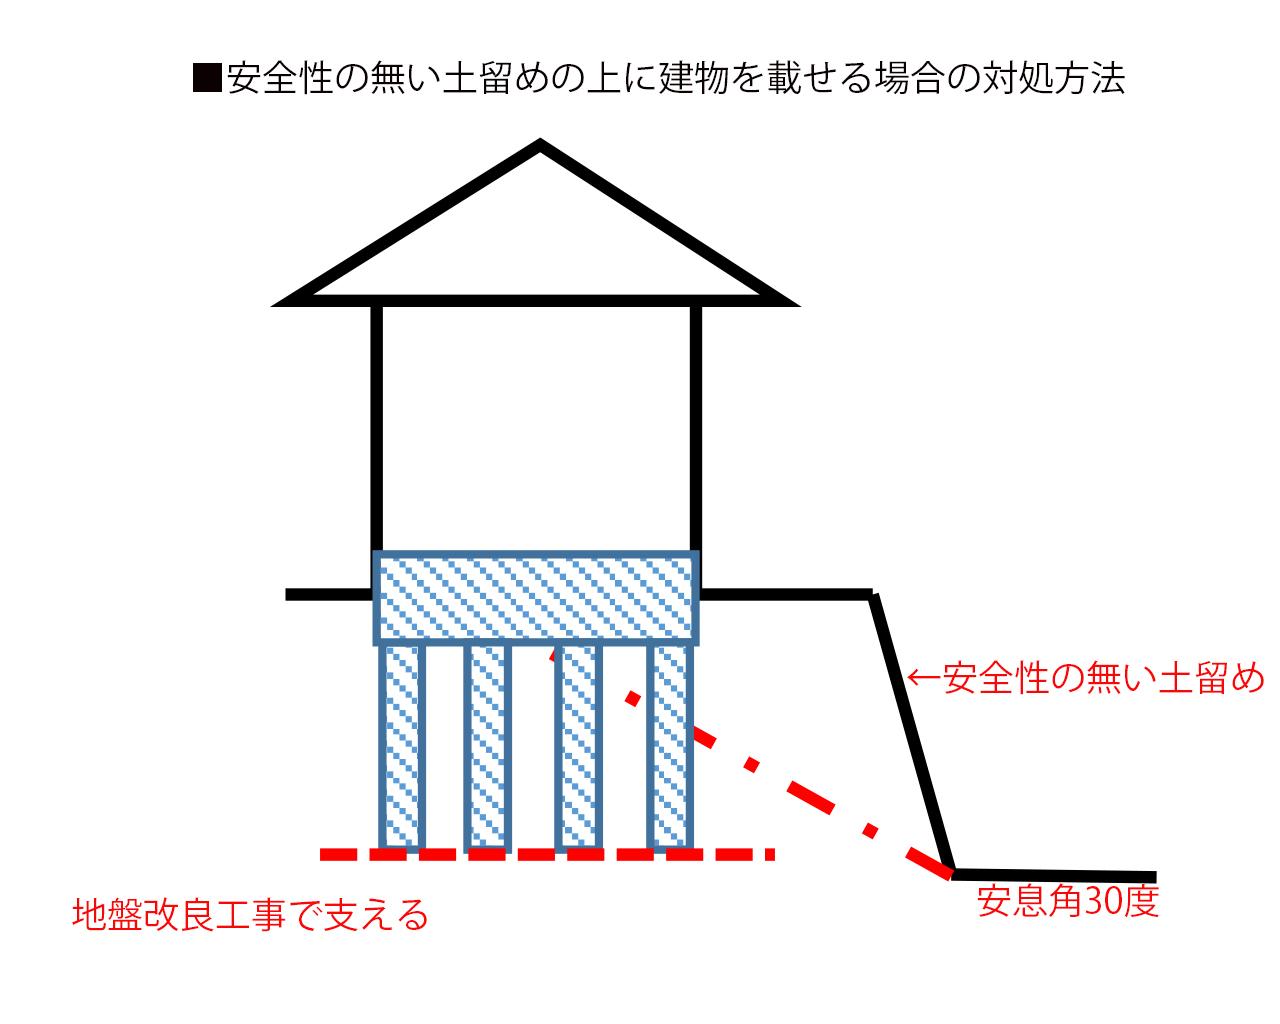 地盤改良工事で地盤の補強する事で、土留めに土圧が掛からない様にする方法